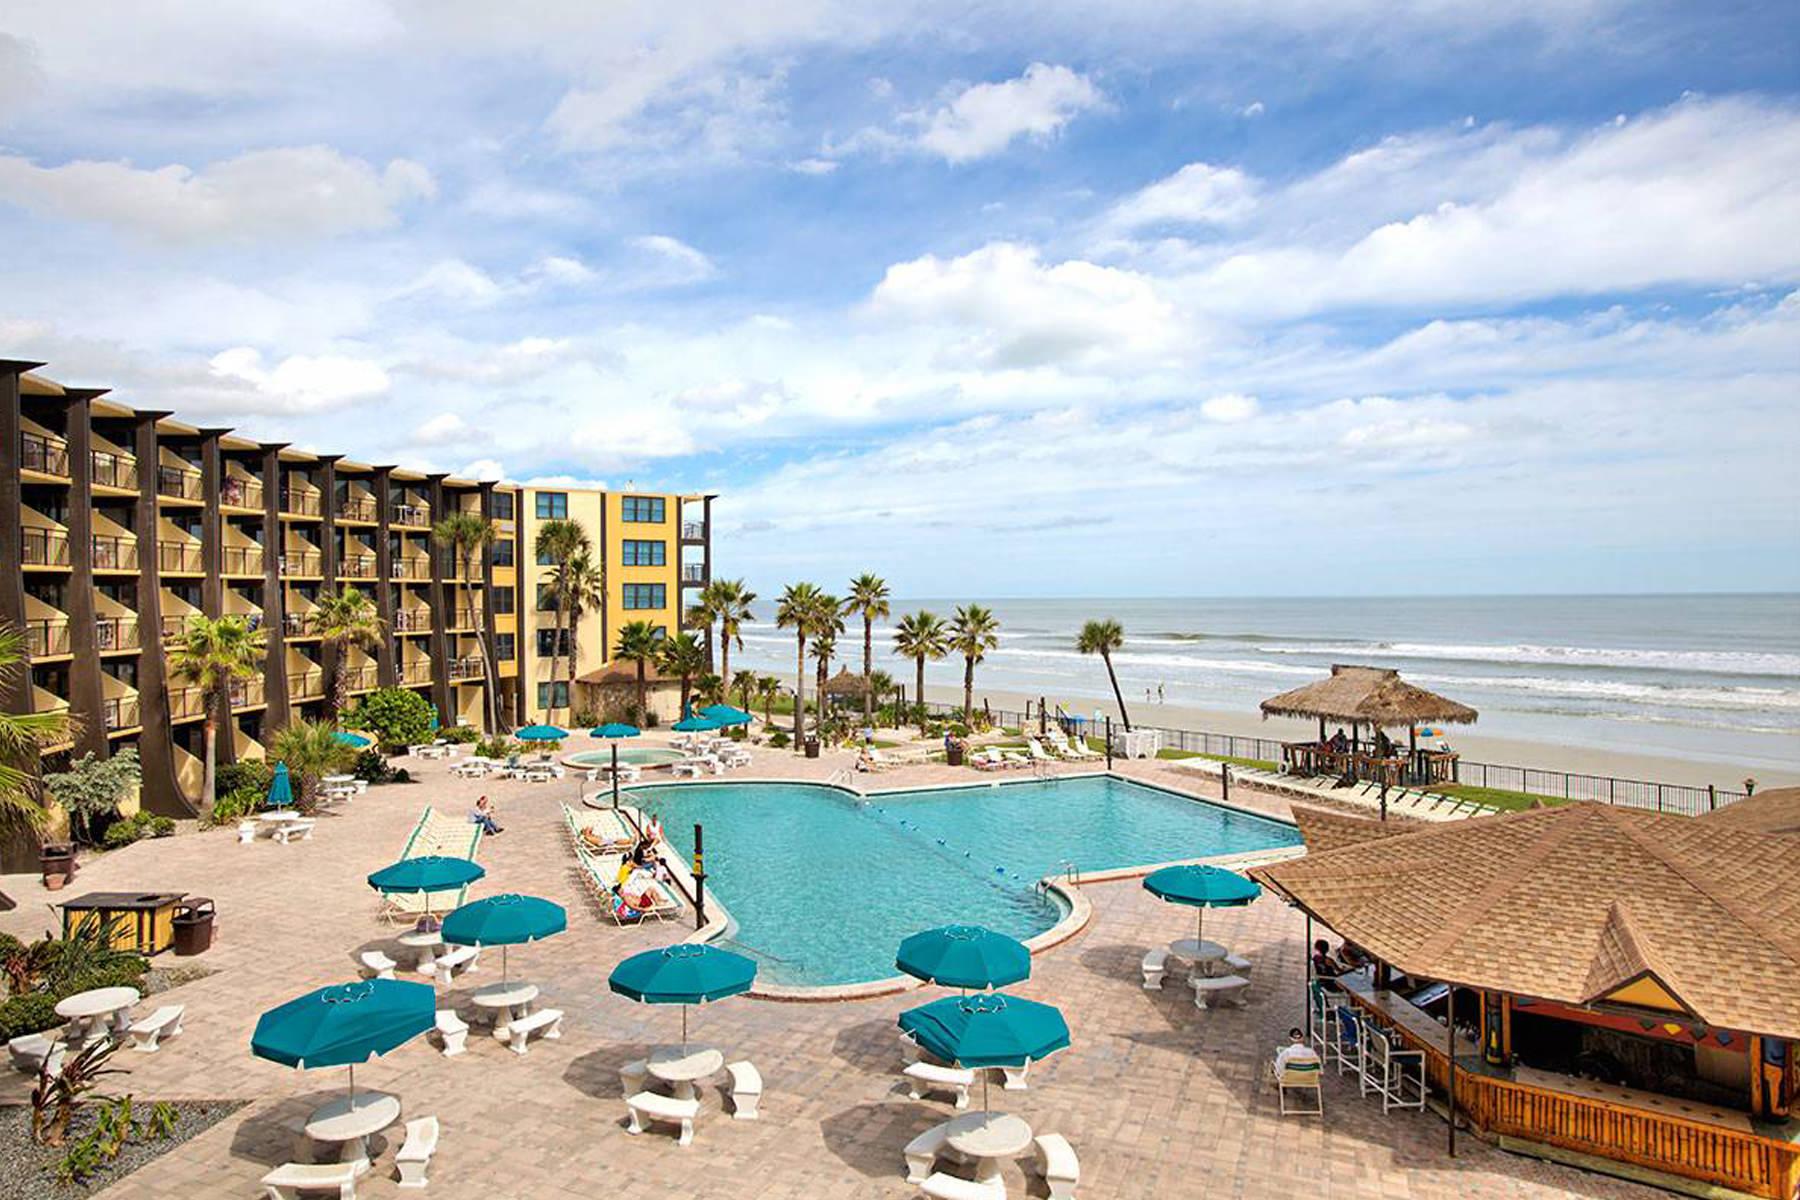 Inn On The Beach Daytona Beach Florida